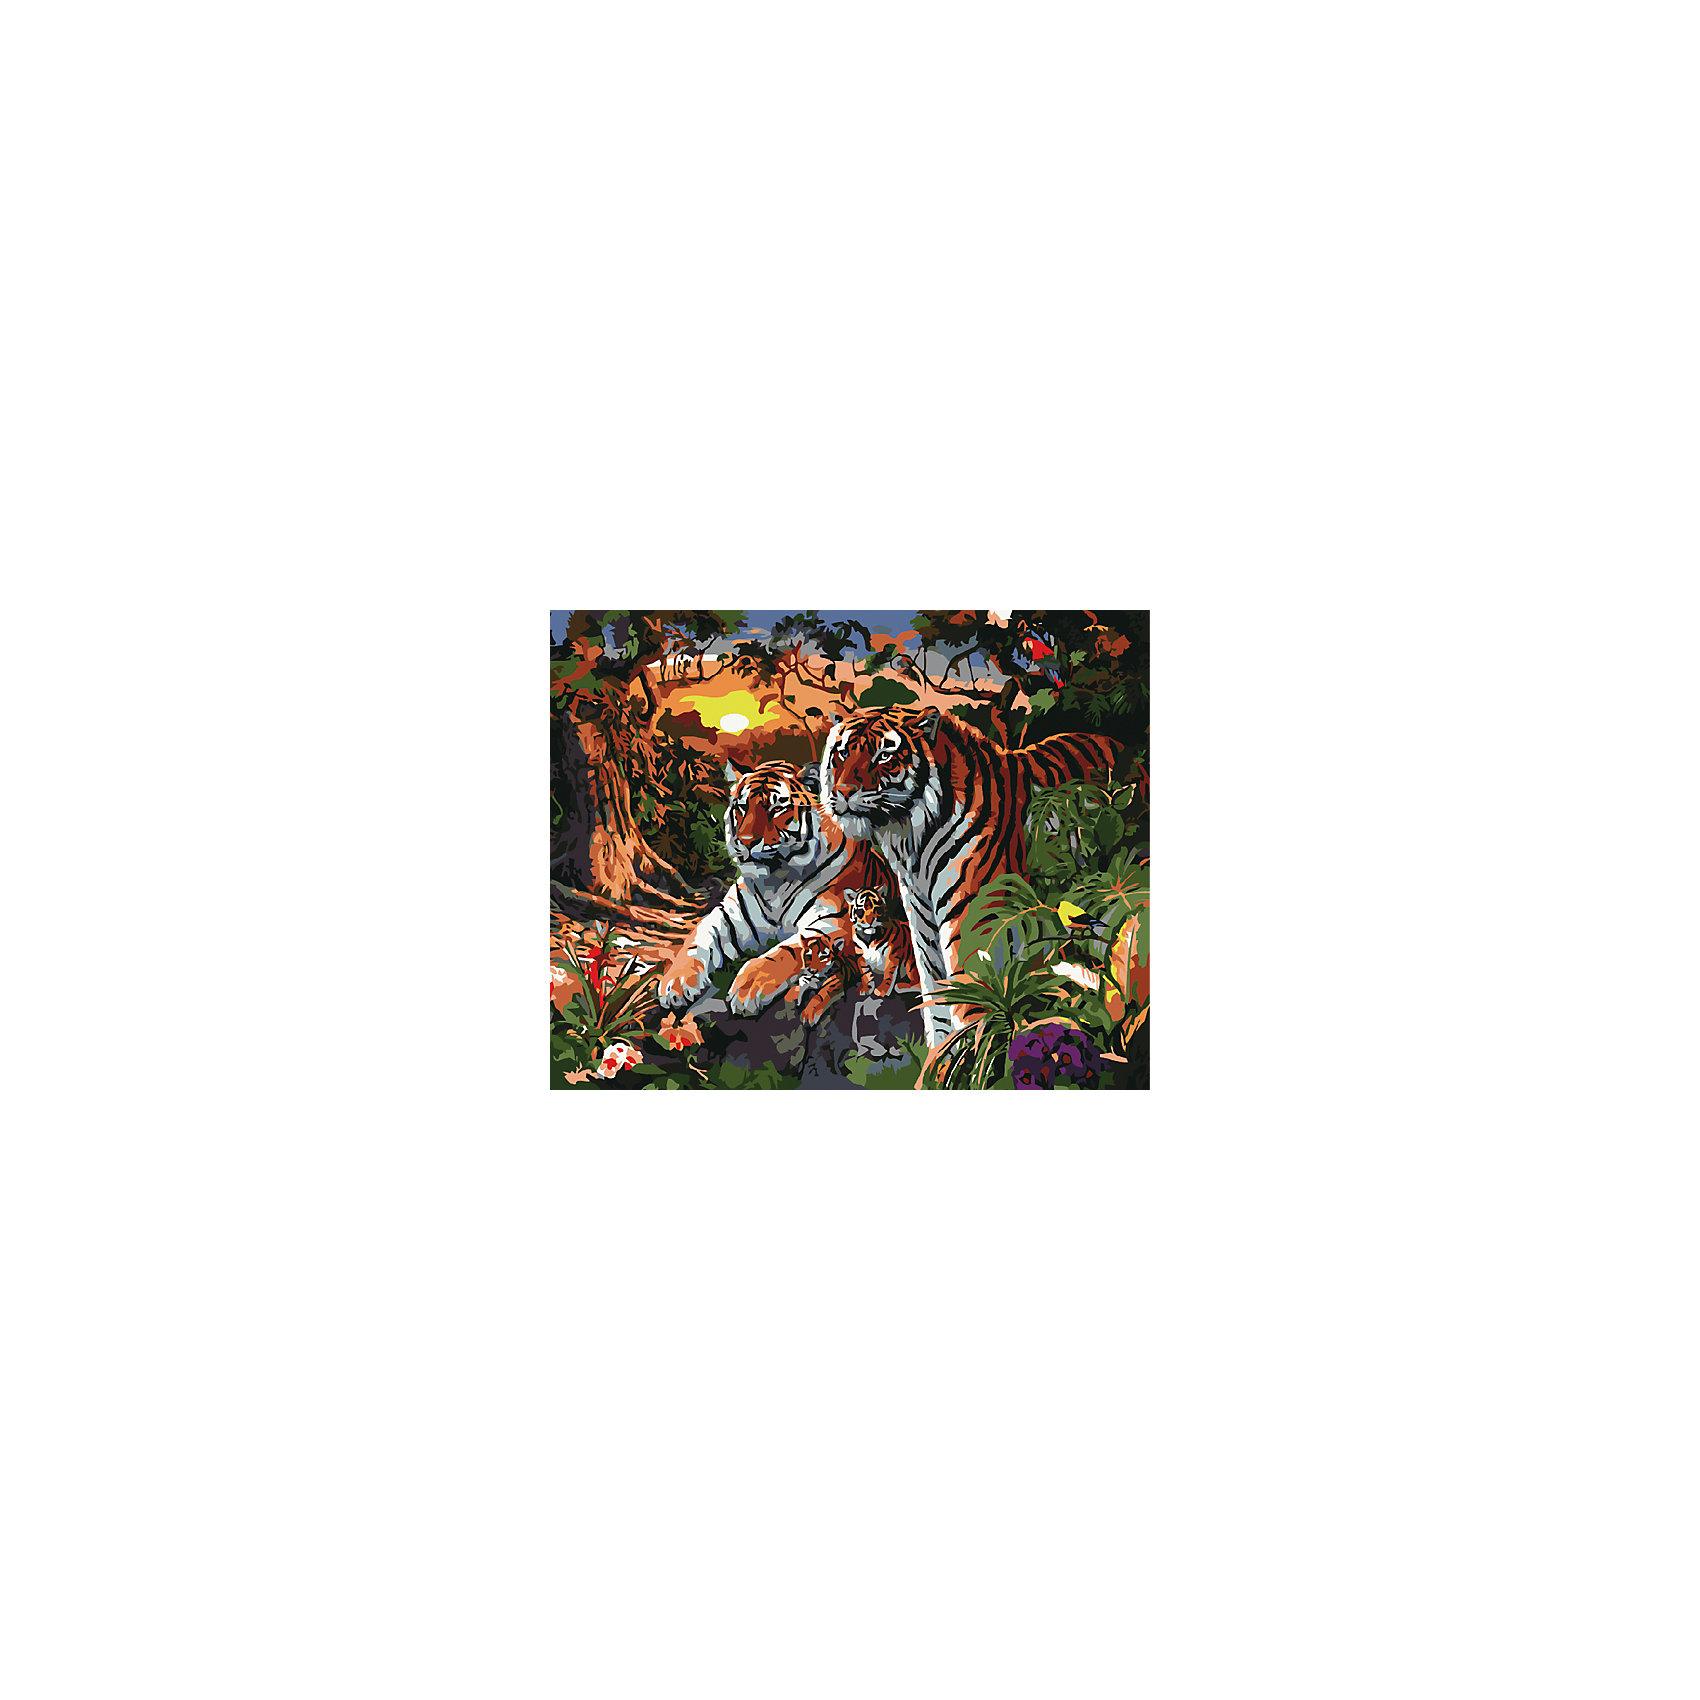 Холст с красками по номерам Семья Тигров 40х50 смРаскраски по номерам<br>замечательные наборы для создания уникального шедевра изобразительного искусства. Создание картин на специально подготовленной рабочей поверхности – это уникальная техника, позволяющая делать Ваши шедевры более яркими и реалистичными. Просто нанесите мазки на уже готовый эскиз и оживите картину! Готовые изделия могут стать украшением интерьера или прекрасным подарком близким и друзьям.<br><br>Ширина мм: 510<br>Глубина мм: 410<br>Высота мм: 25<br>Вес г: 1800<br>Возраст от месяцев: 36<br>Возраст до месяцев: 108<br>Пол: Унисекс<br>Возраст: Детский<br>SKU: 5096786